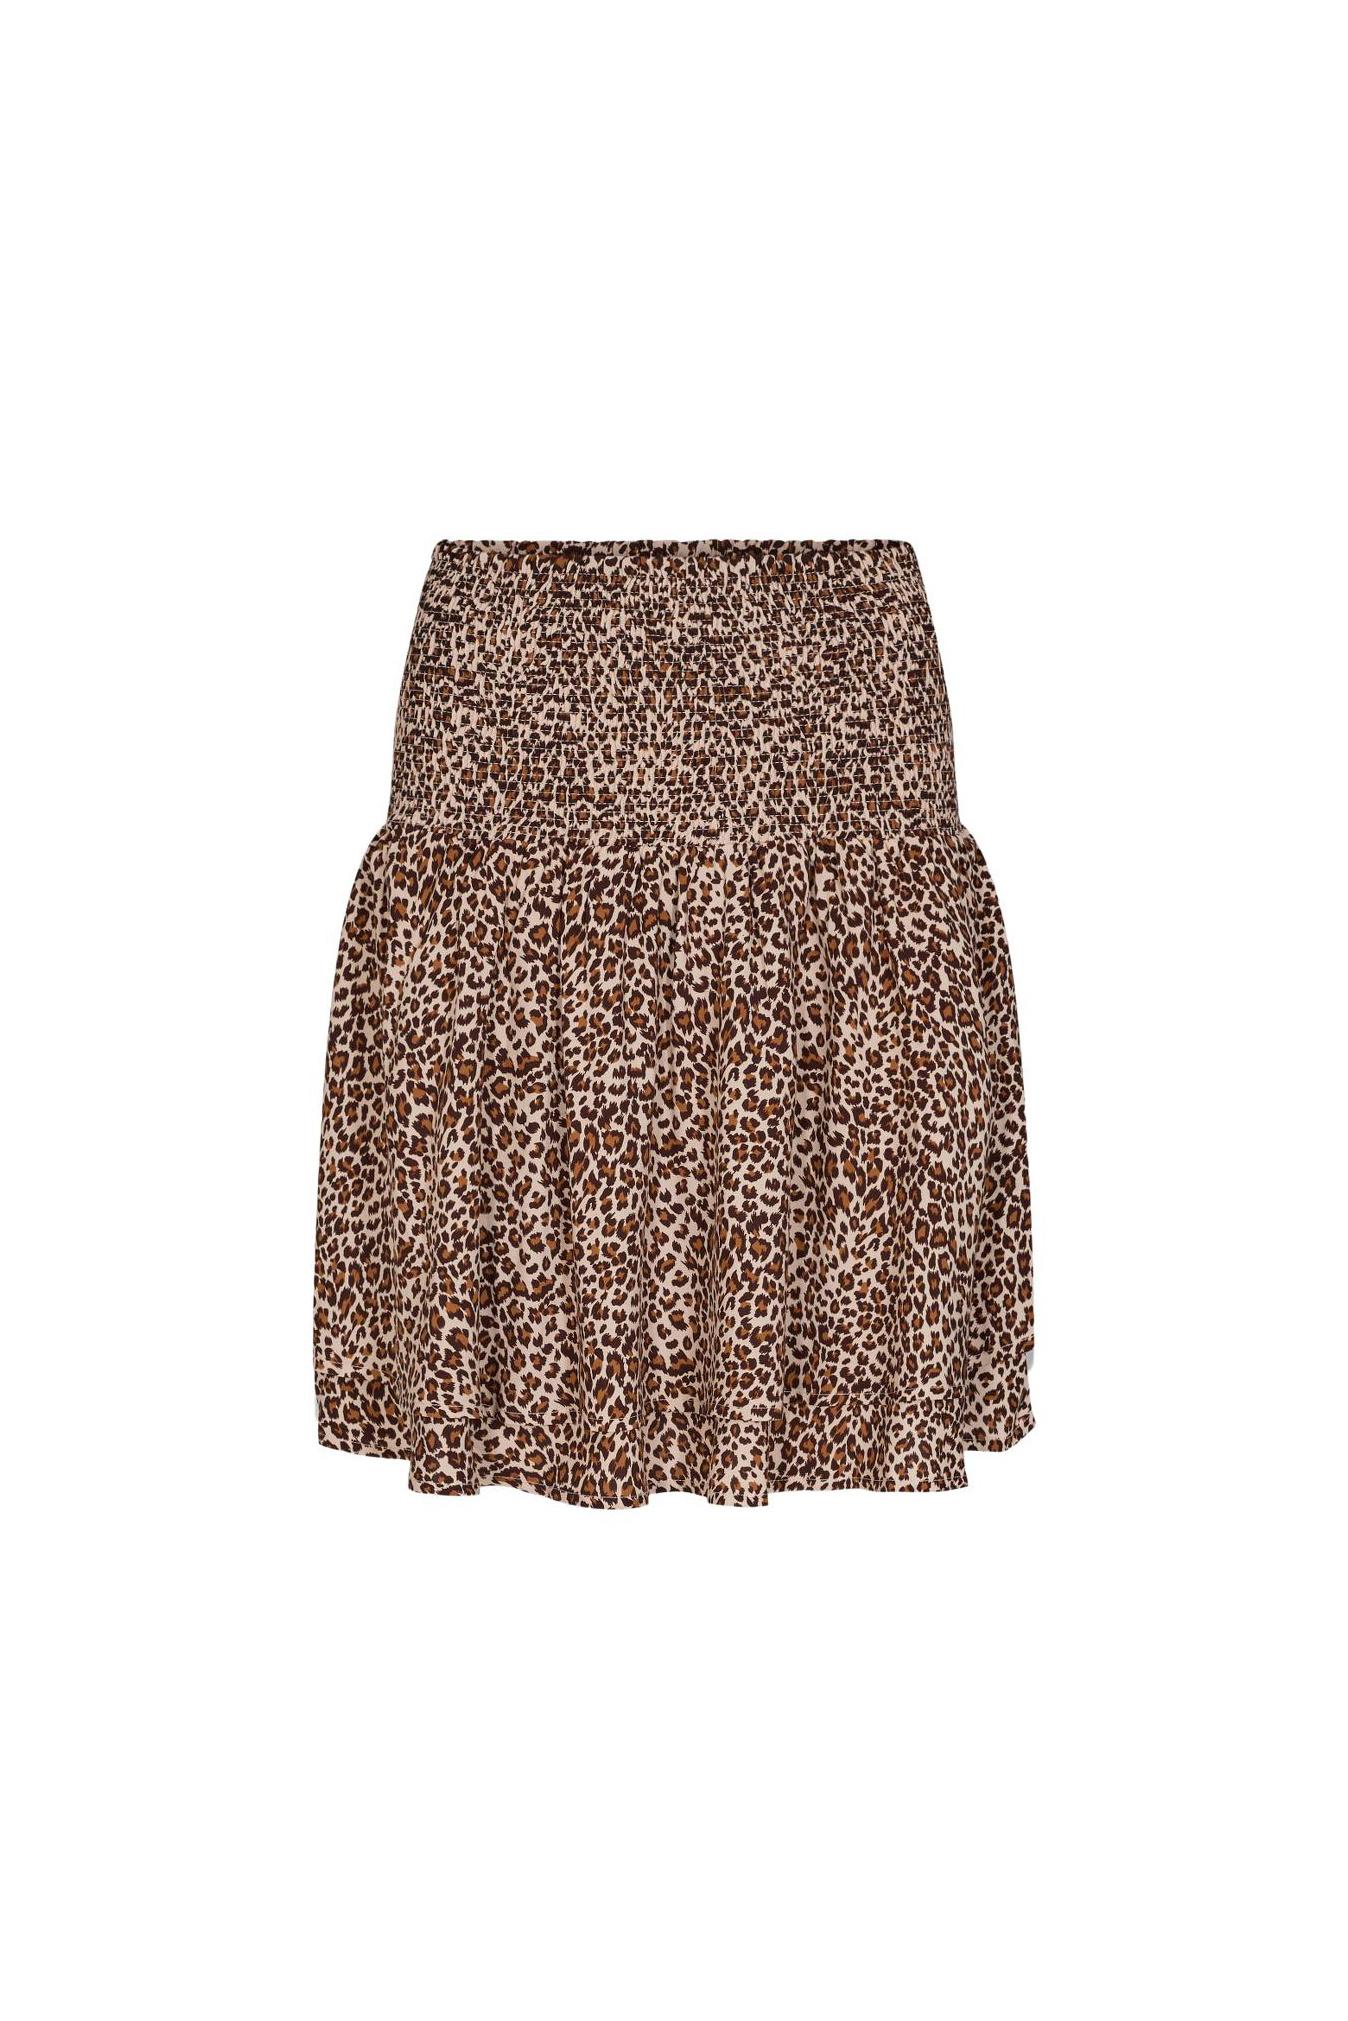 Mini Leo Smock Skirt - Khaki-1